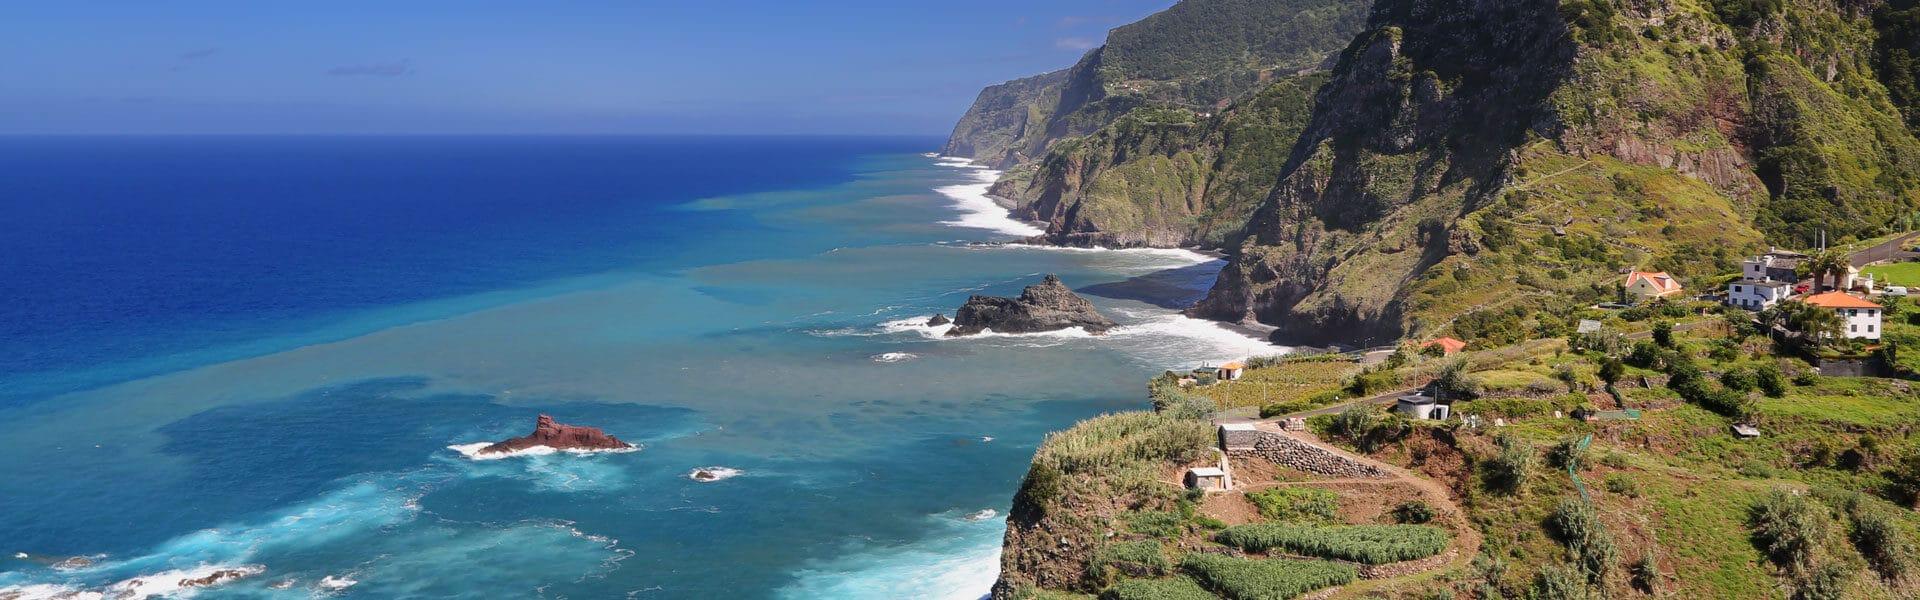 Segeln im Atlantik mit Madeira als Ziel